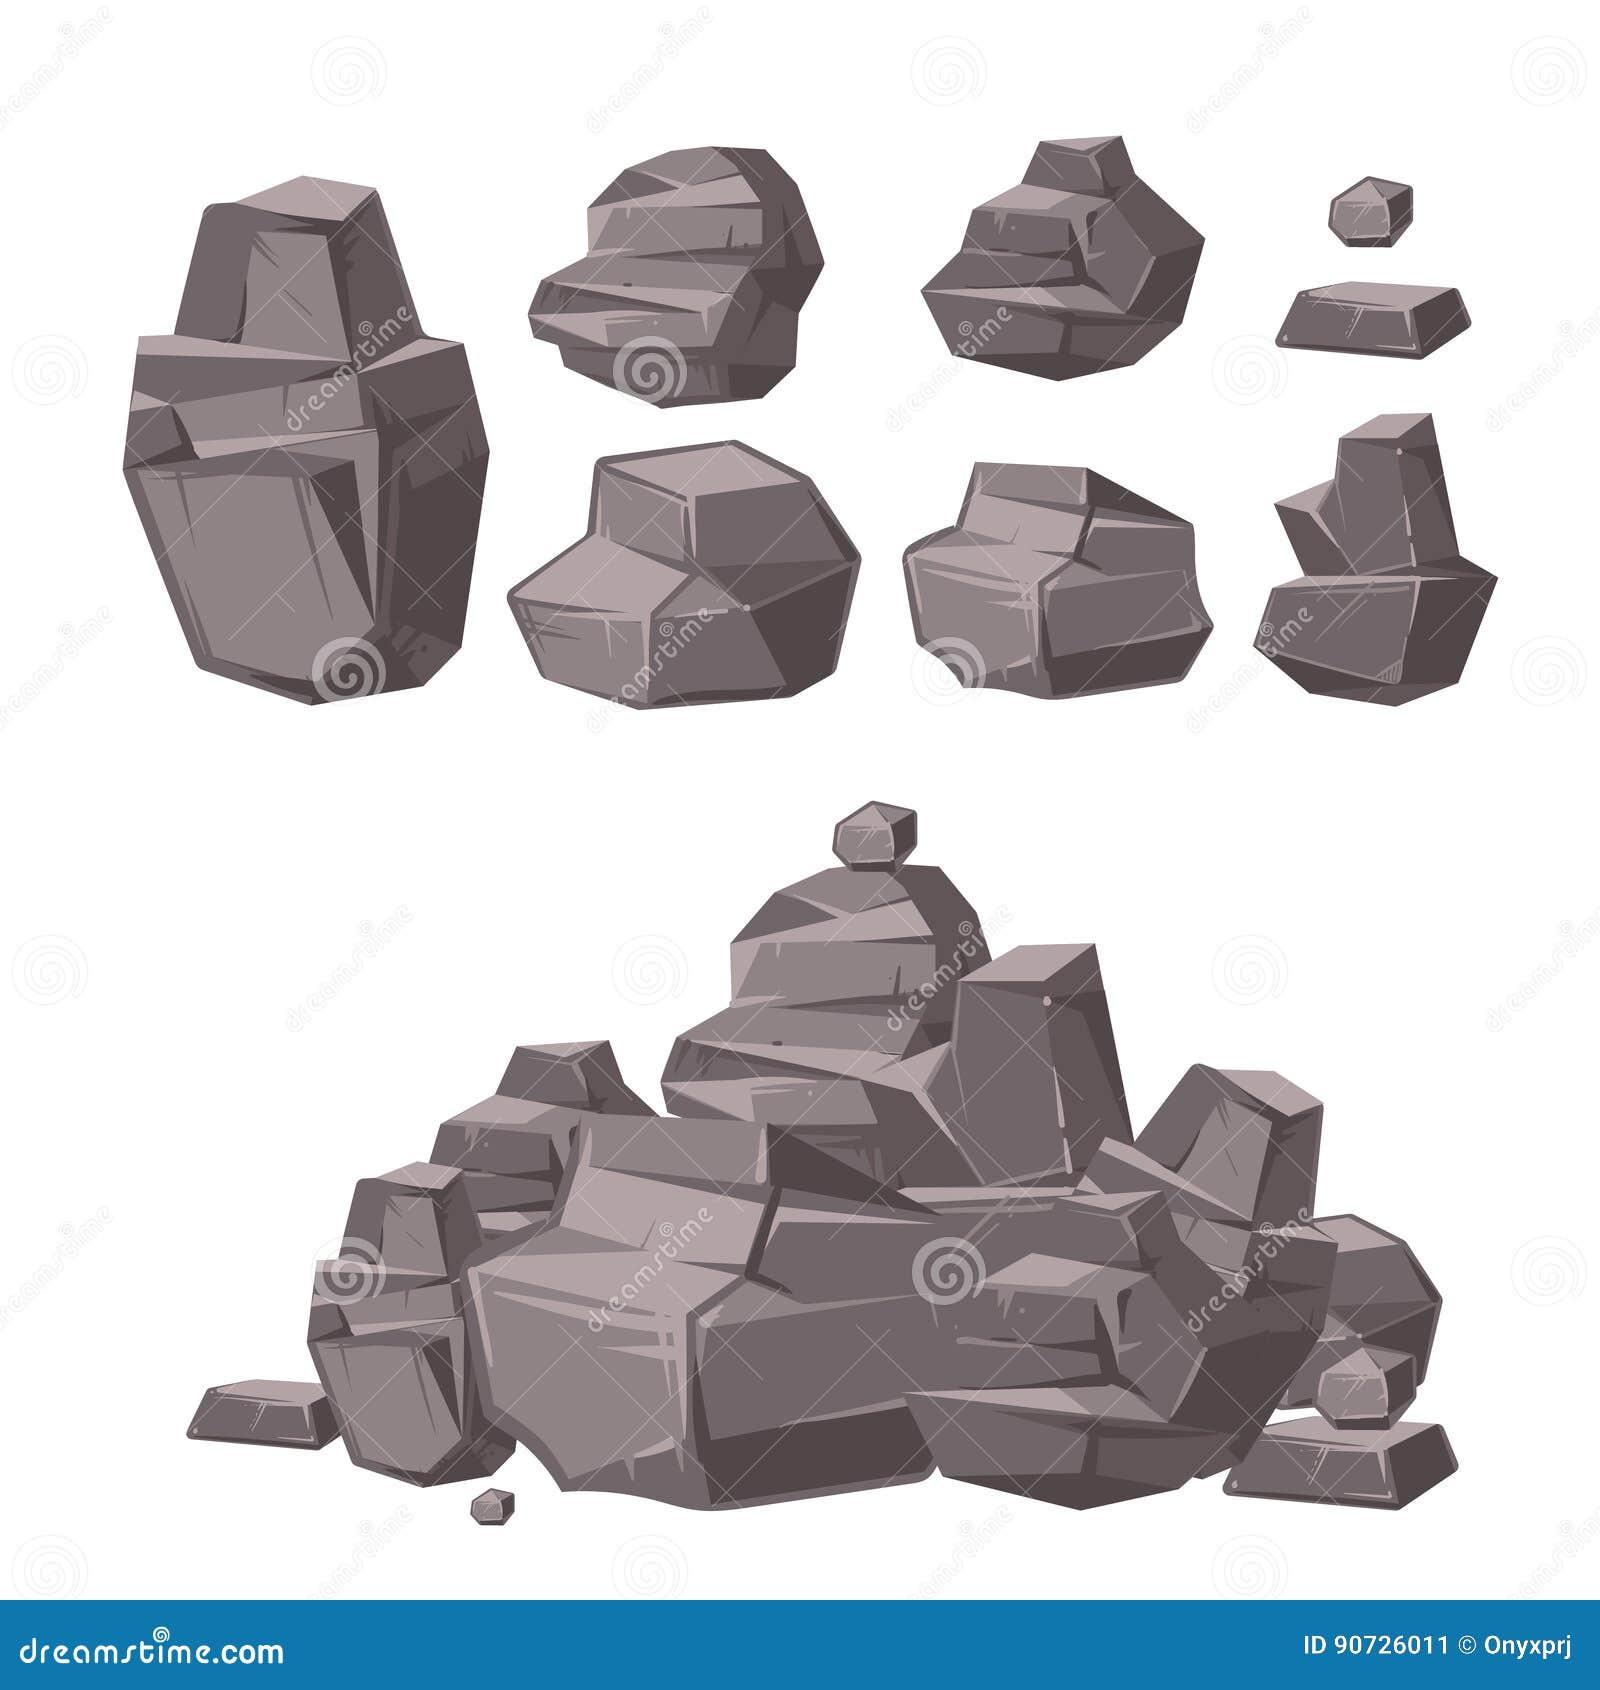 Felsen der Karikatur 3d, Granitsteine, Stapel des Flusssteinvektorsatzes, Architekturelemente für Landschaftsgestaltungsdesign